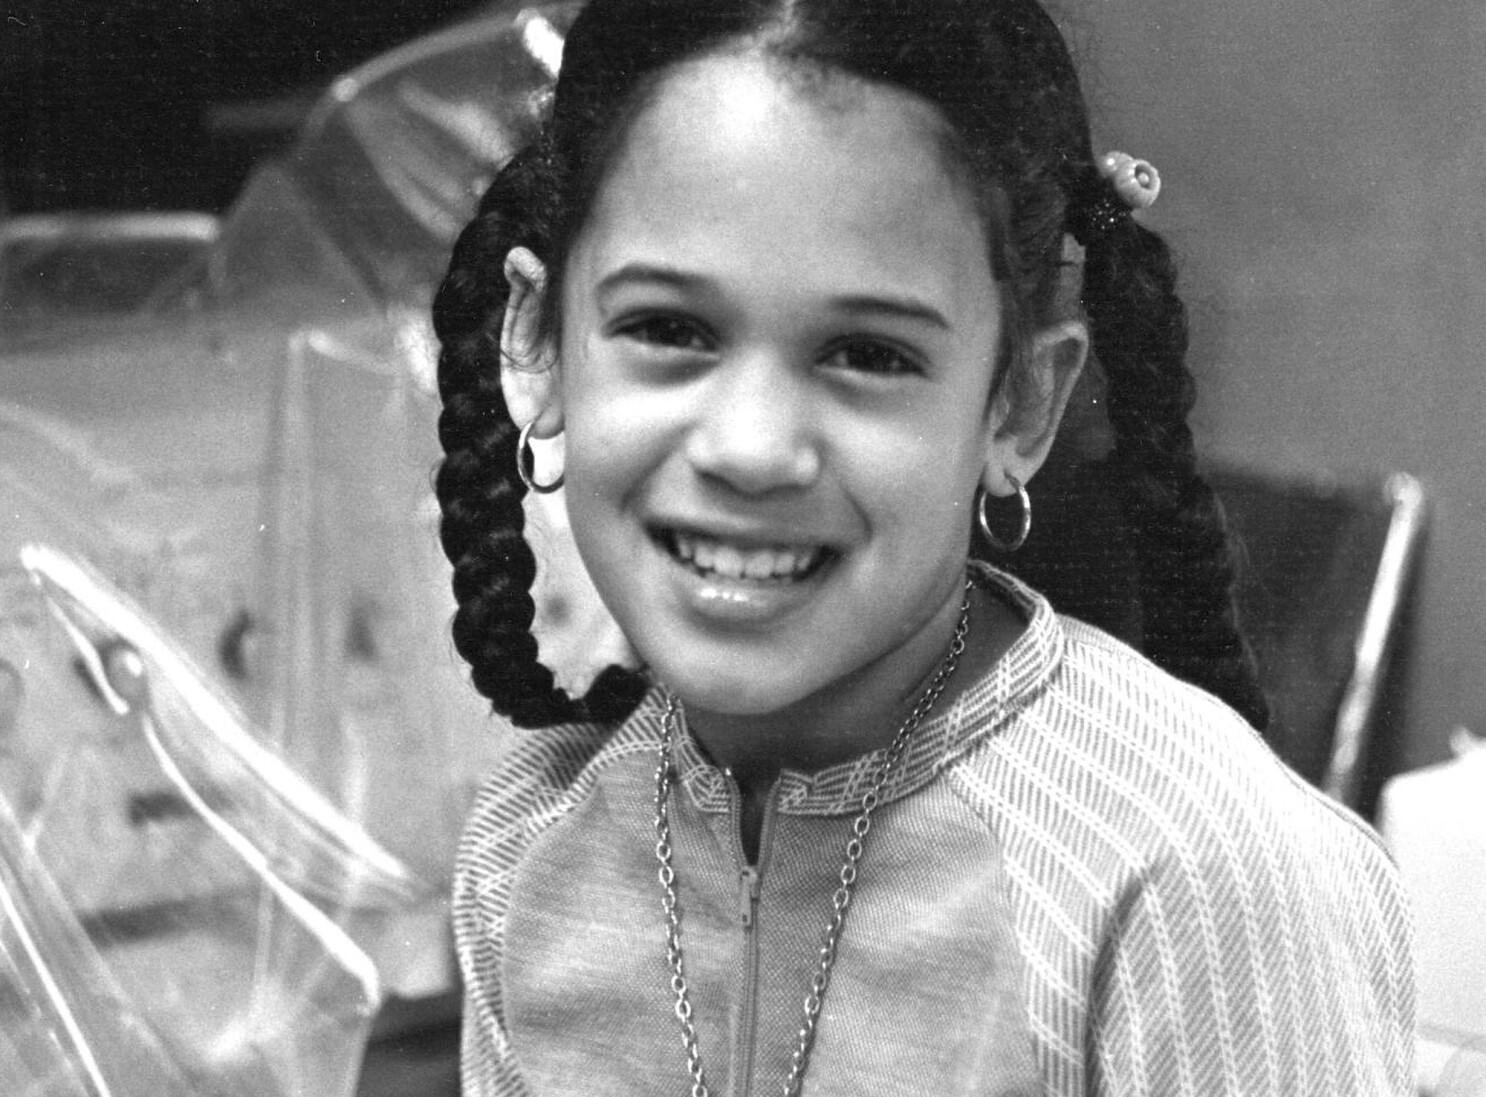 Para Kamala Harris, el recuerdo de su madre guía su carrera - San Diego Union-Tribune en Español